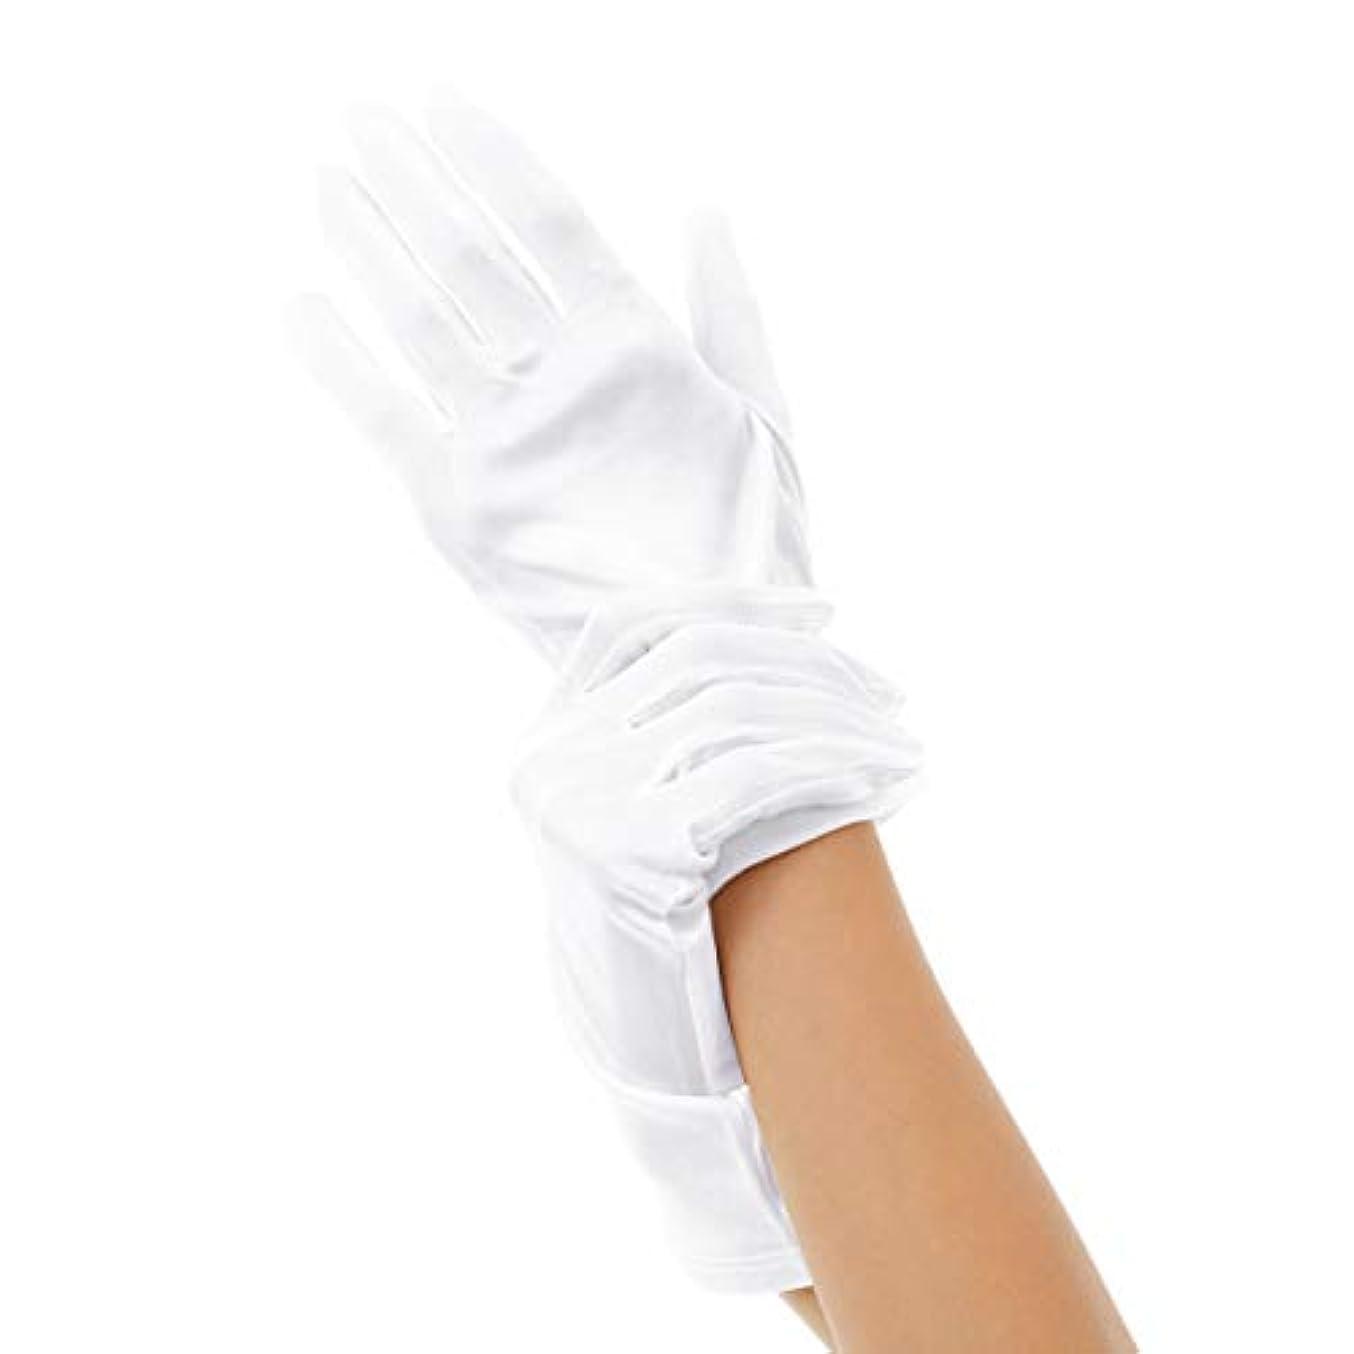 熟達した計算可能経営者Silk 100% ハンドケア シルク 手袋 手首ゆるゆる おやすみ スキンケア グローブ 薄手のスムース素材 外出時の UV対策 や インナーグローブ にも最適 うるおい 保湿 ひび あかぎれ 保護 (L, ホワイト)